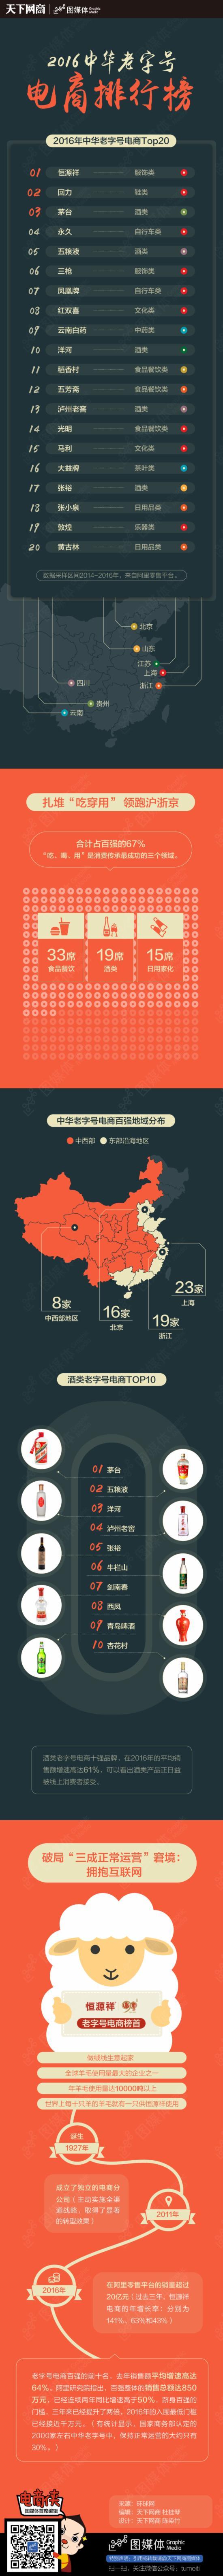 2016中华老字号电商排行榜